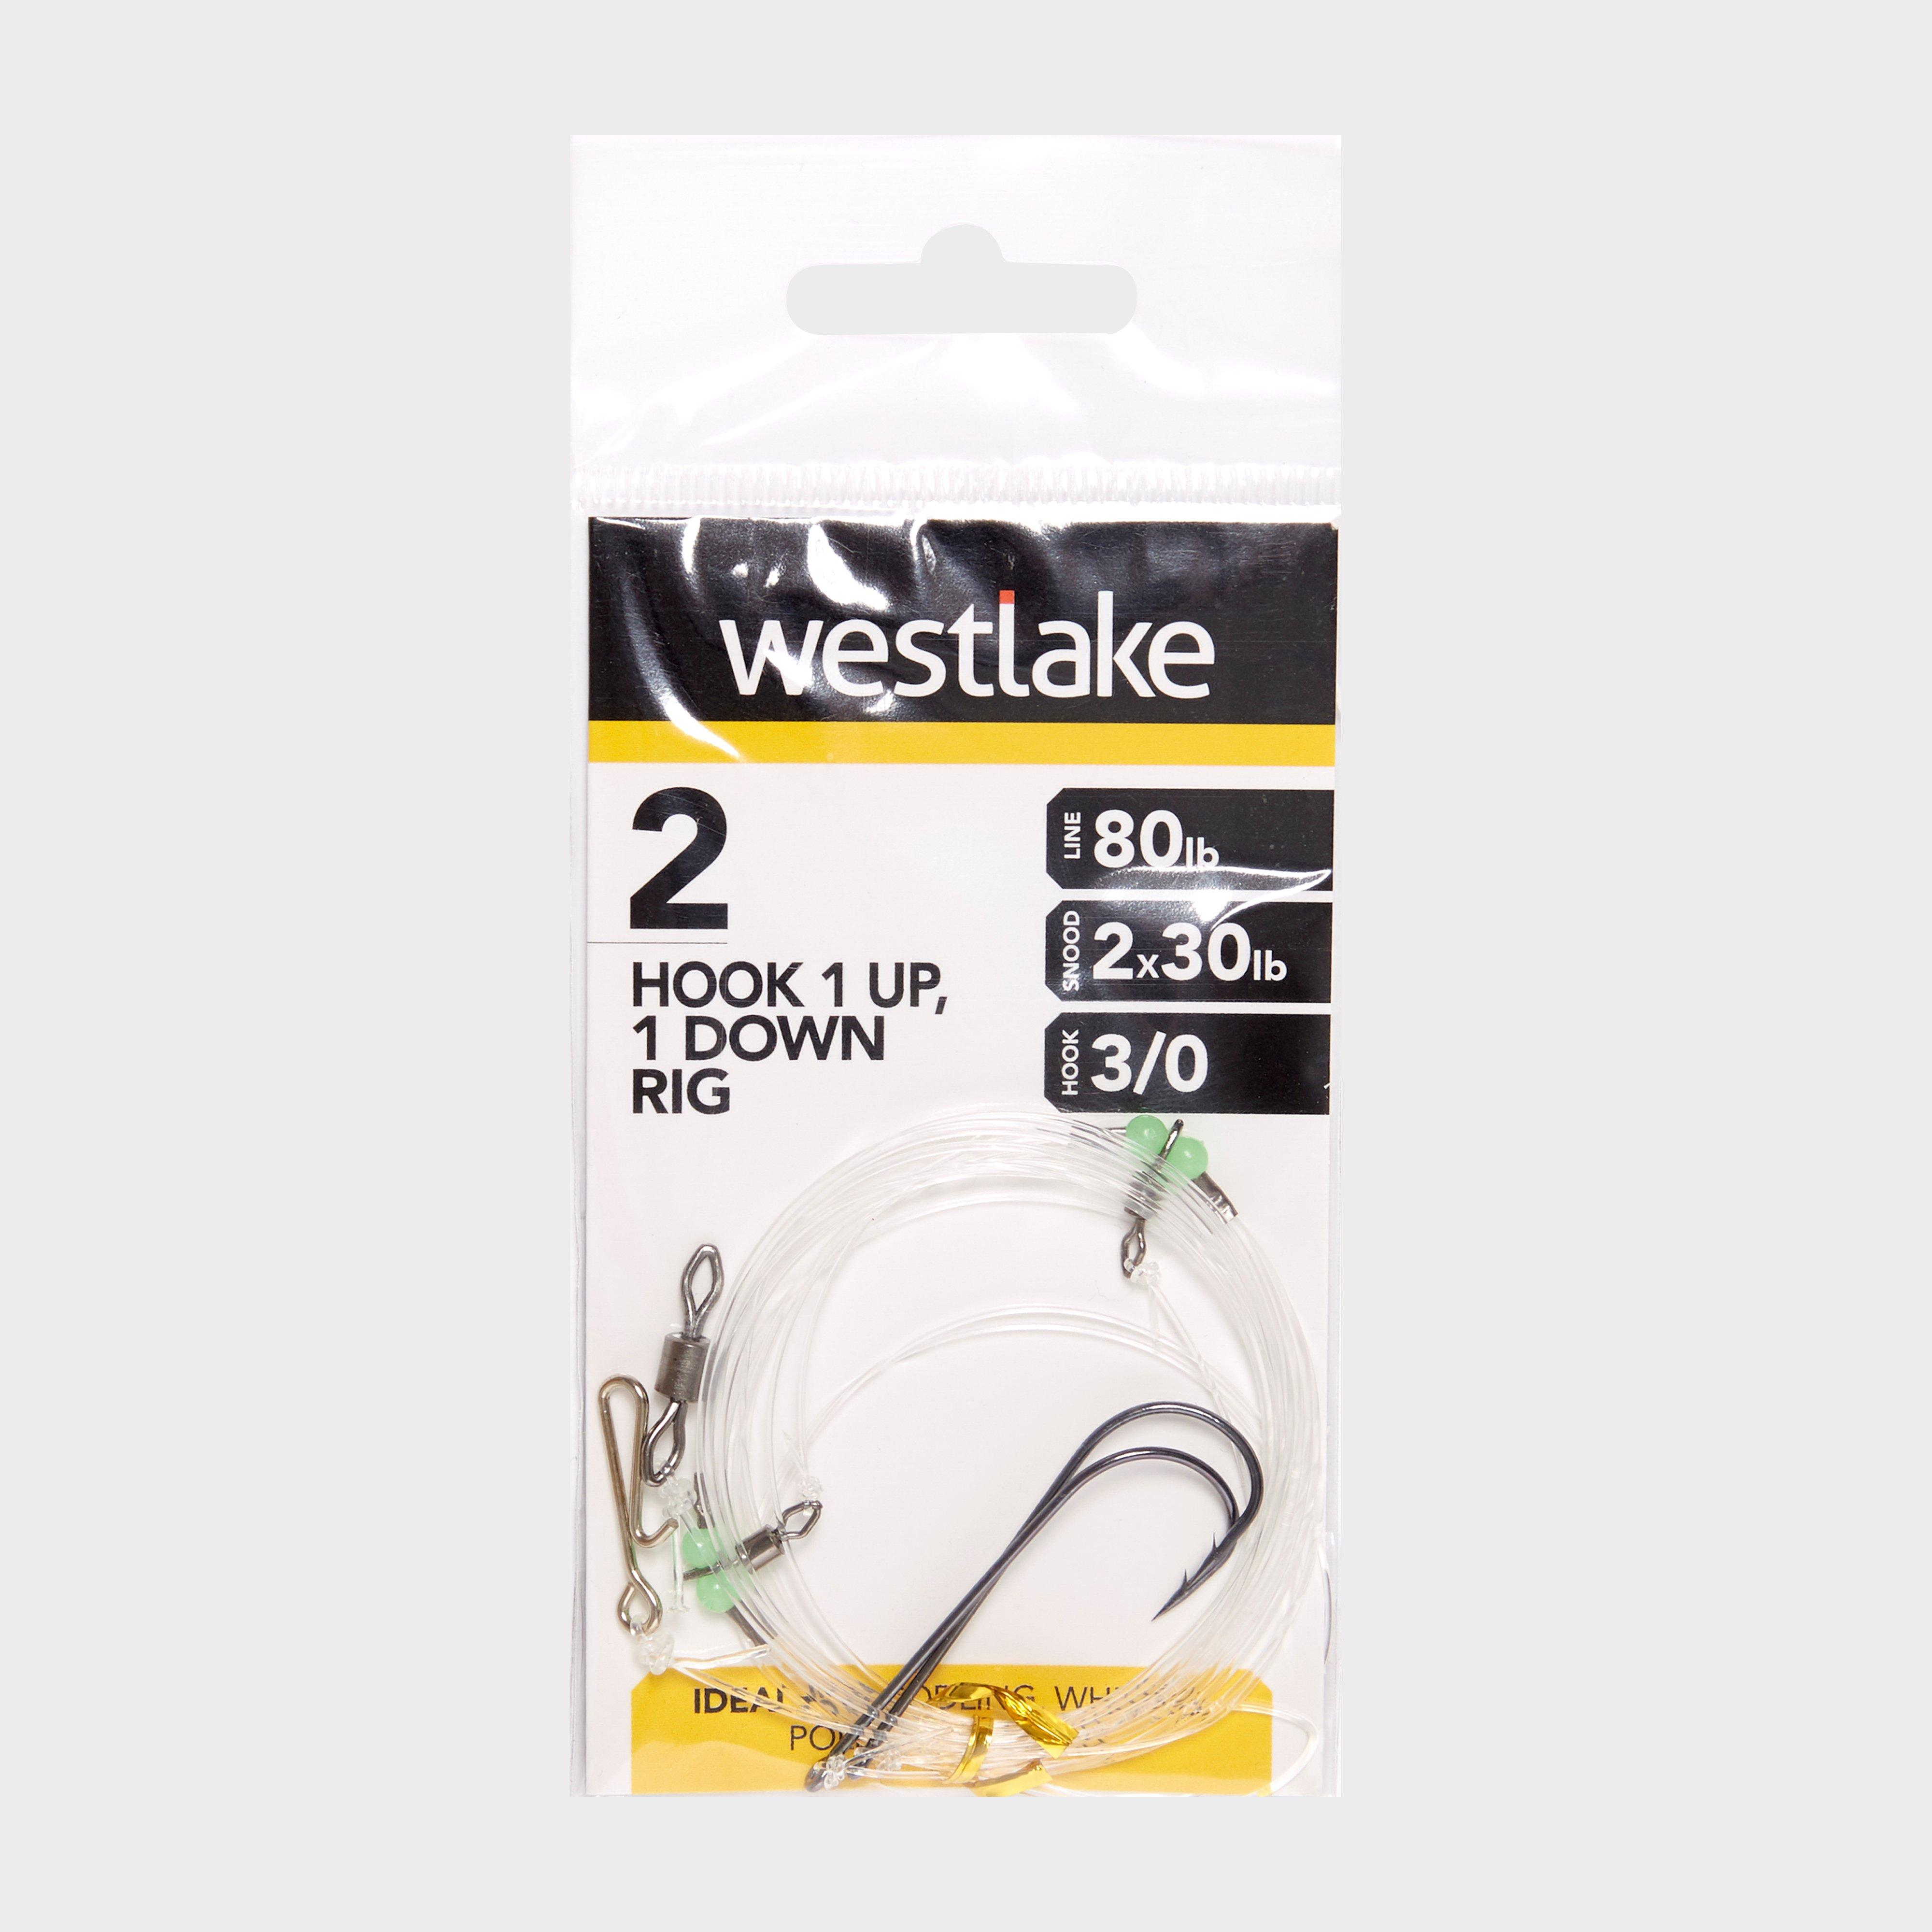 Westlake 2 Hook 1up 1down Rig 3 - Multi/0  Multi/0